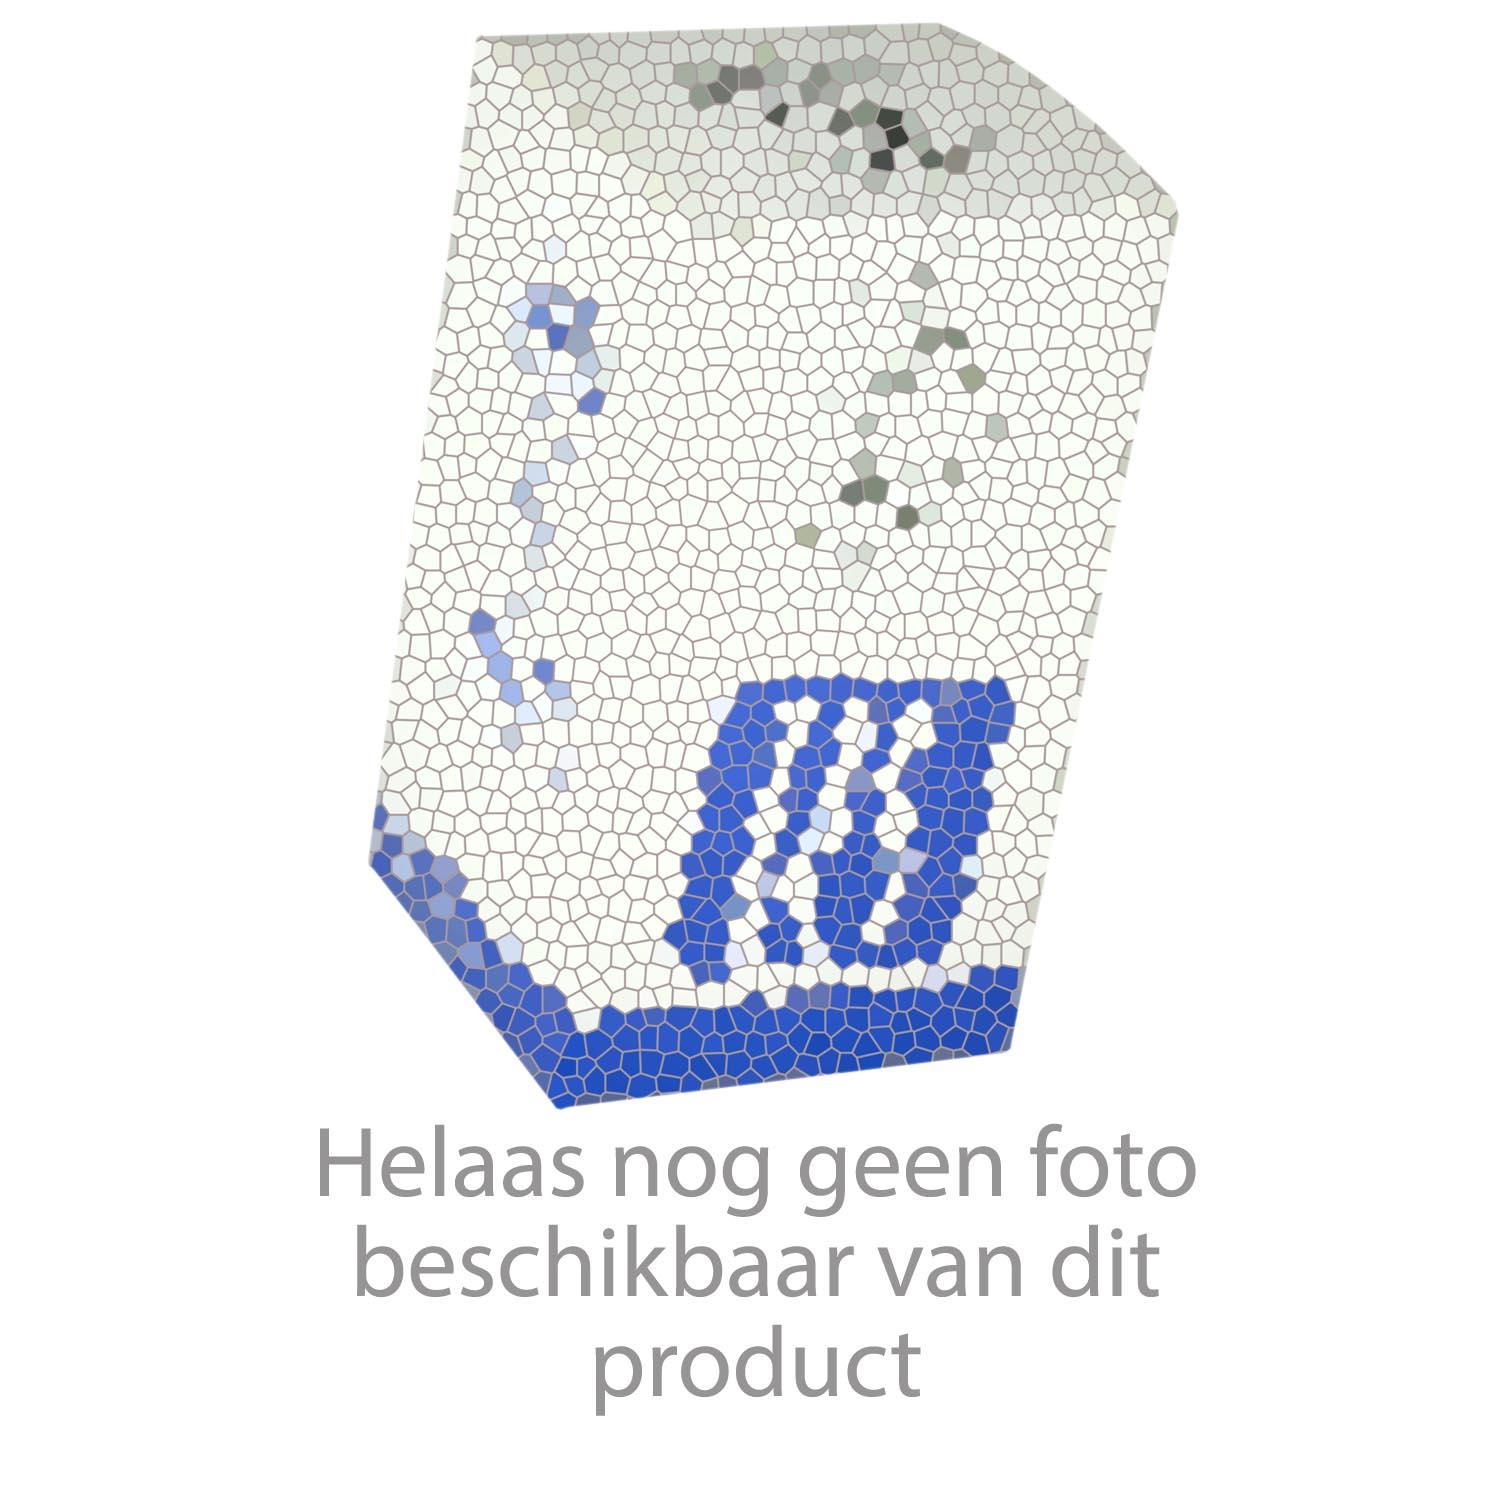 Grohe onderdelen Precision Comfort Thermostatische badmengkraan Artikelnummer 34230000